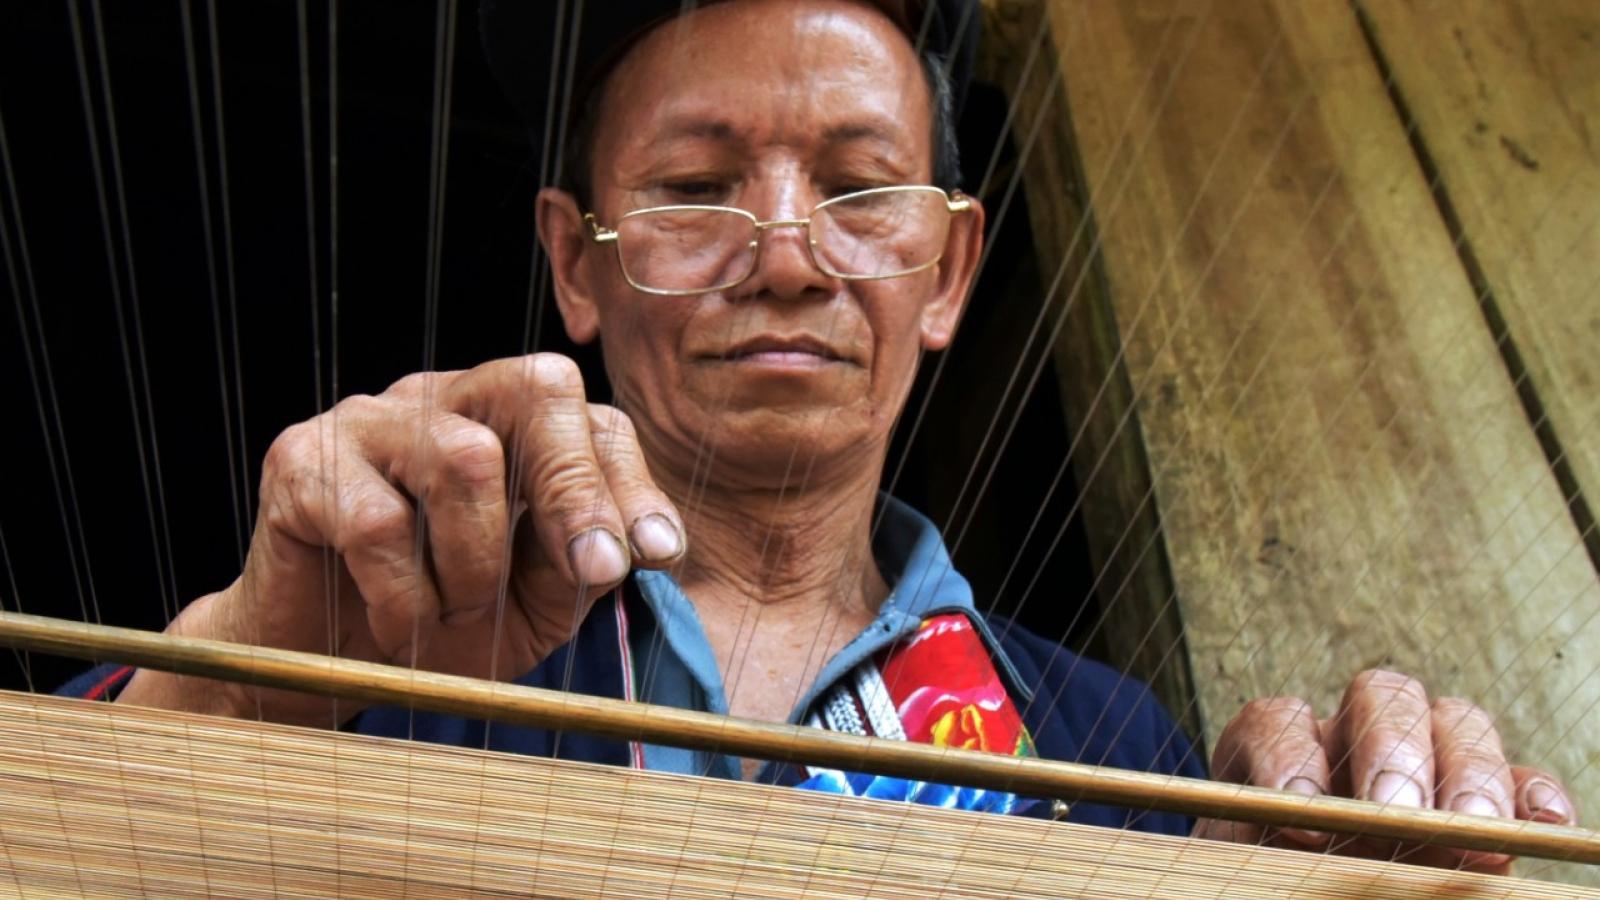 Lò Sành Phin-nghệ nhân người Dao đỏởHà Giang duy trì nghề đan mành tránggiấy bản